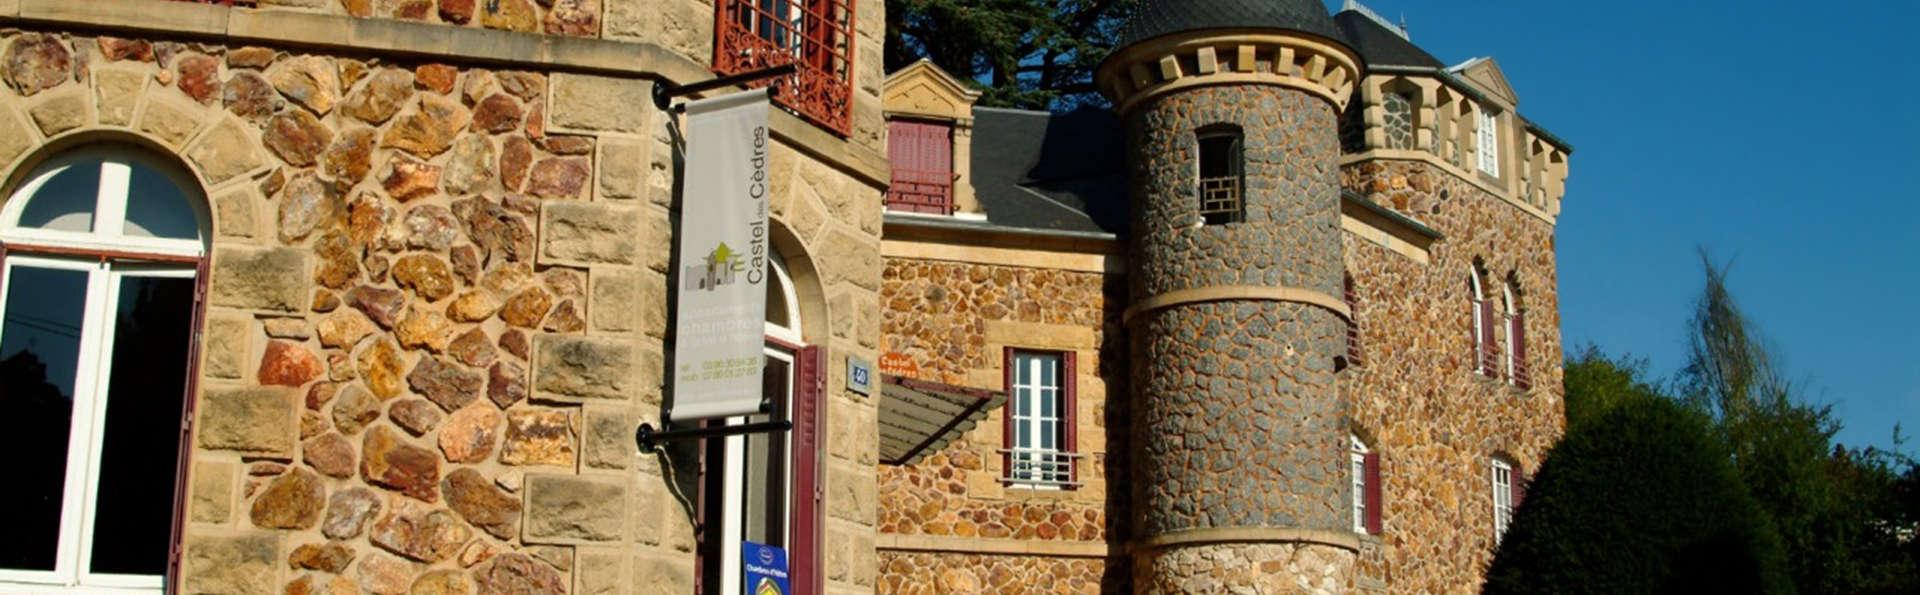 Castel des Cèdres - EDIT_front.jpg